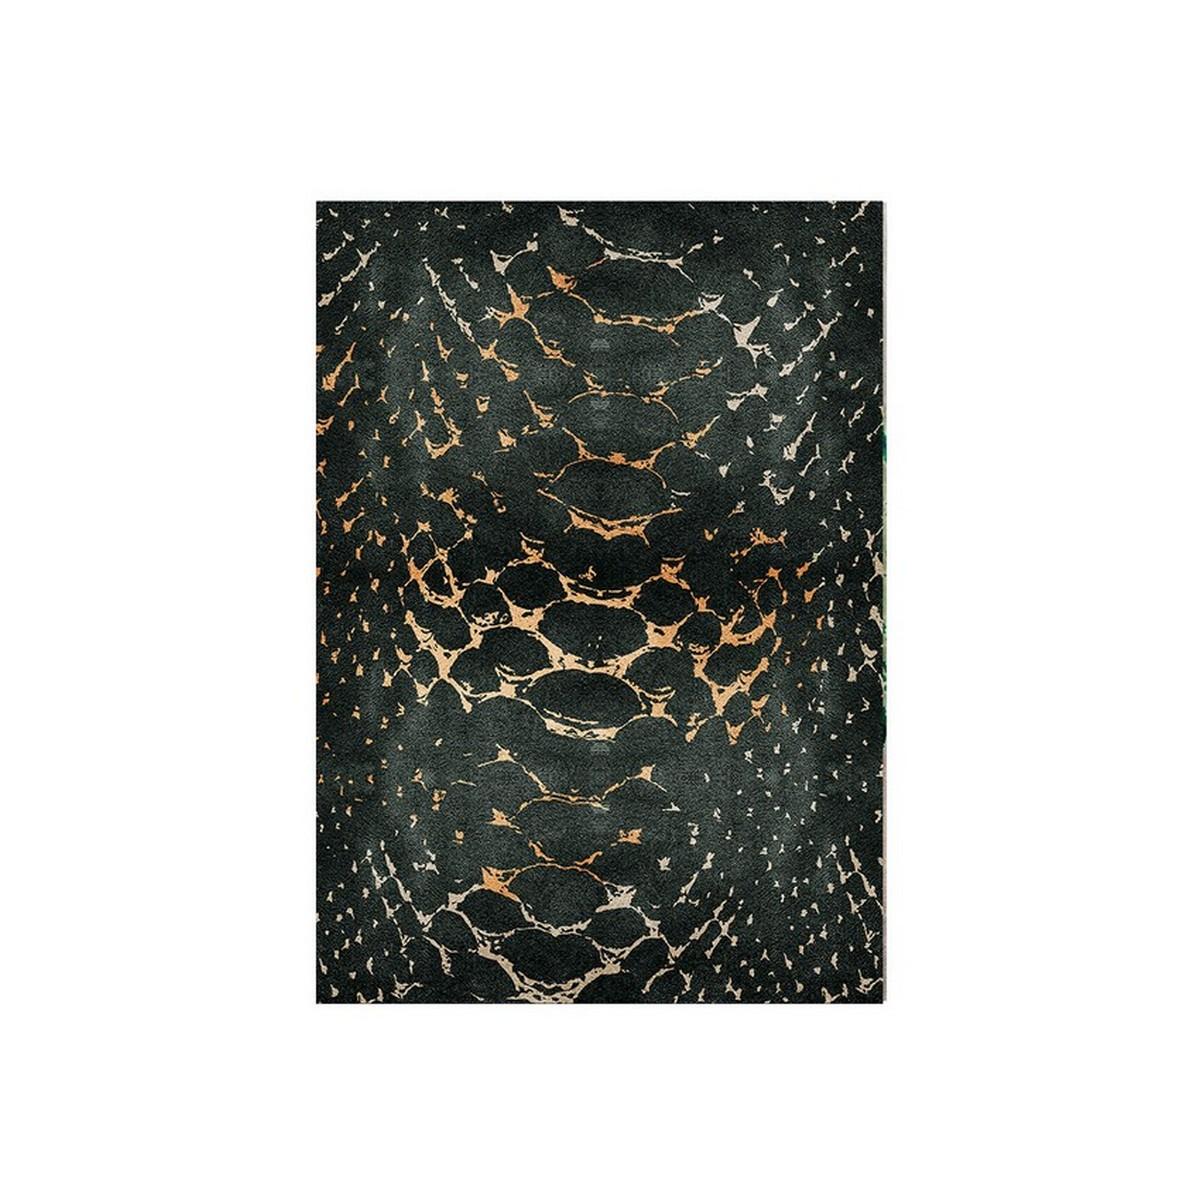 Diseños de Interiores inspirados en Naturaleza: ideas para cambiar un proyecto diseño de interiores Diseño de Interiores inspirados en Naturaleza: ideas para cambiar un proyecto rs META rugs 1200x1200